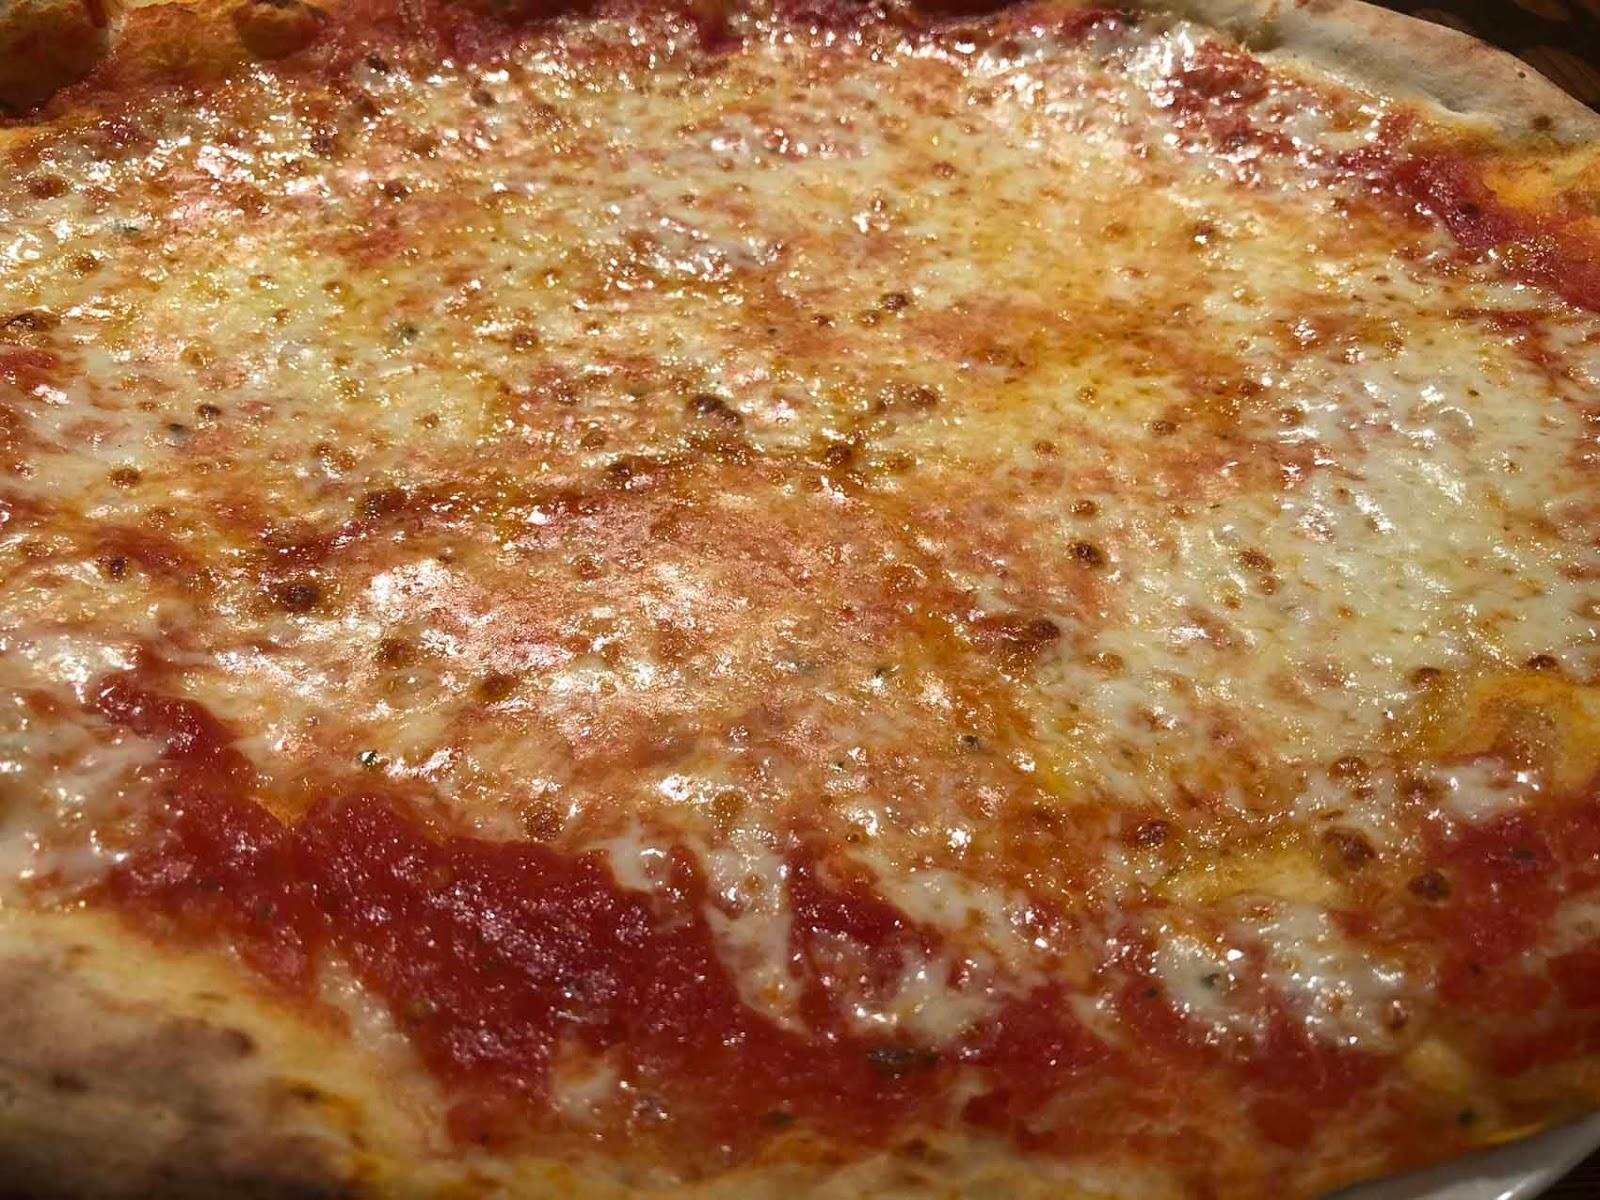 Peruspizza